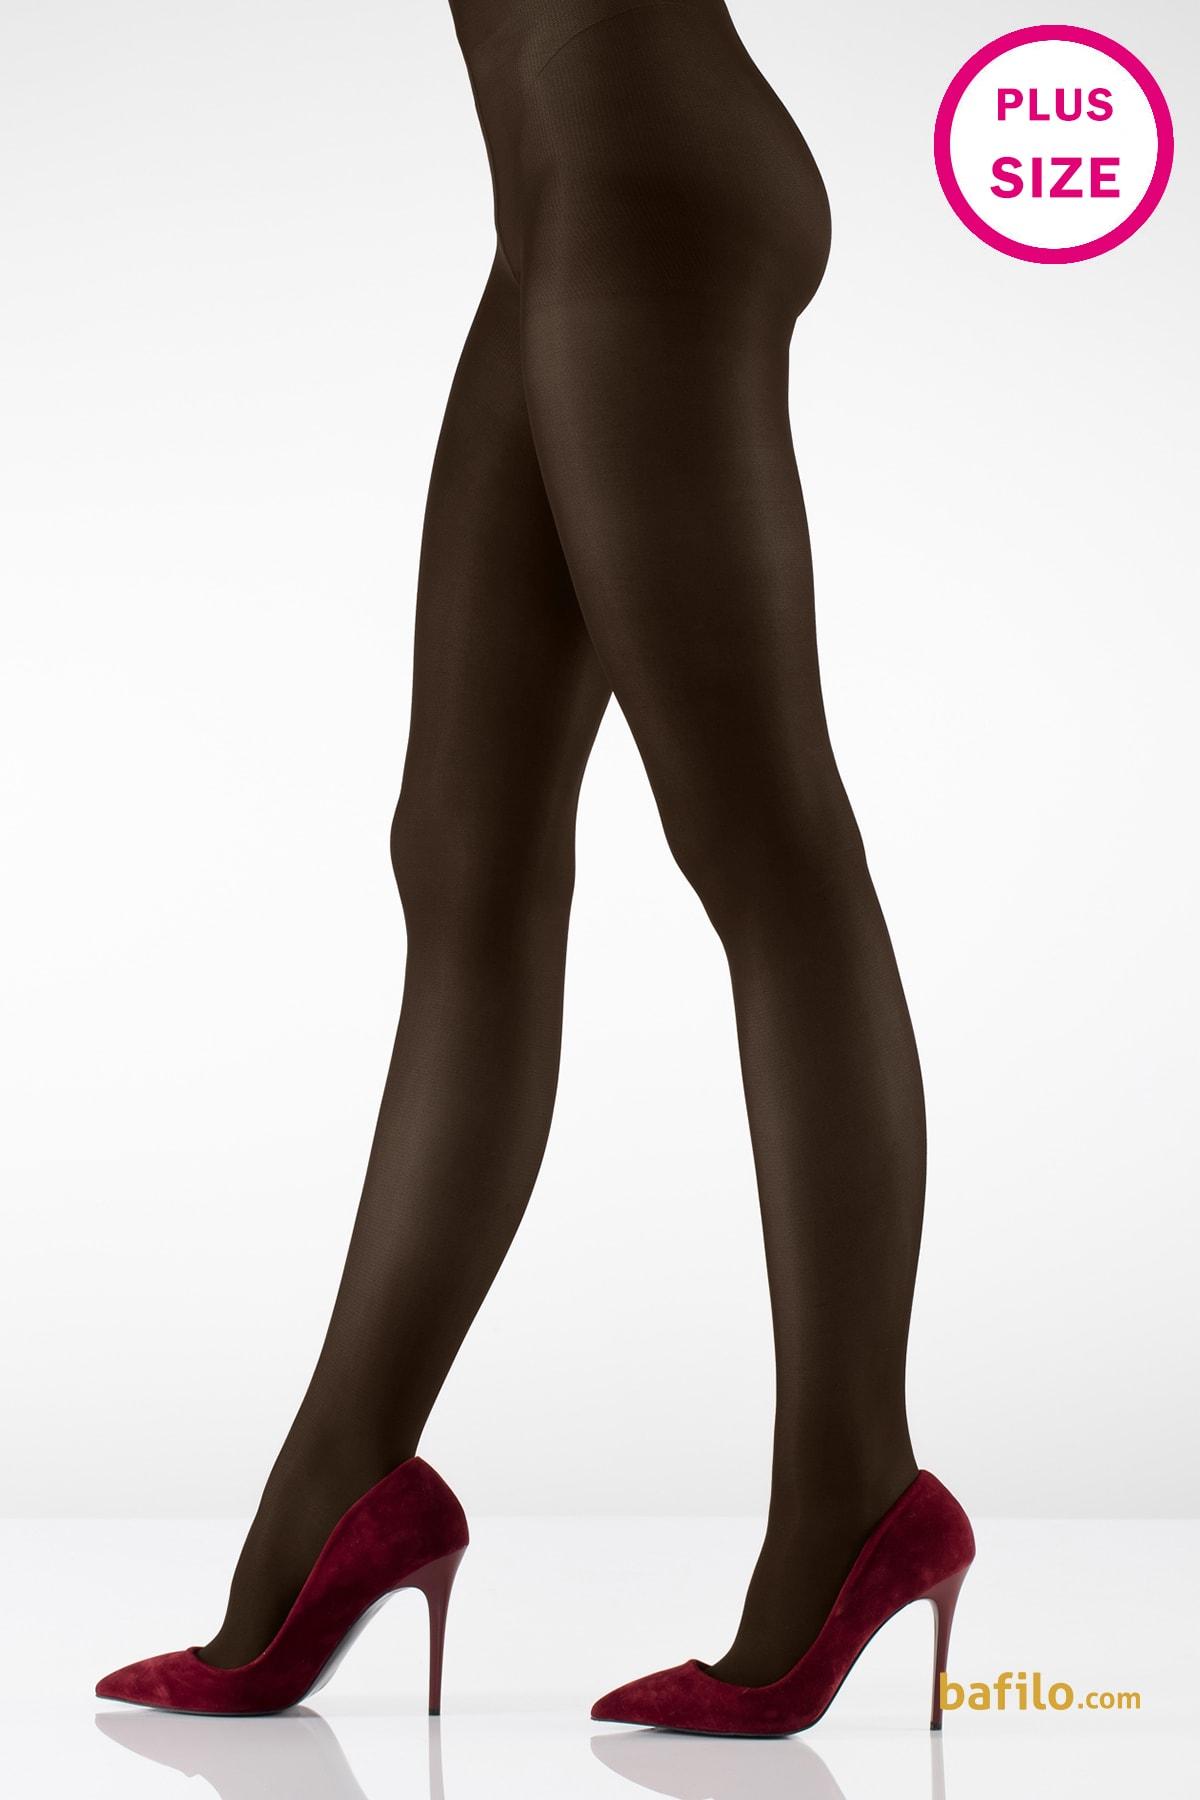 ایتالیانا | ITALIANA - جوراب شلواری سایز بزرگ زنانه ایتالیانا  Micro40 قهوه ای